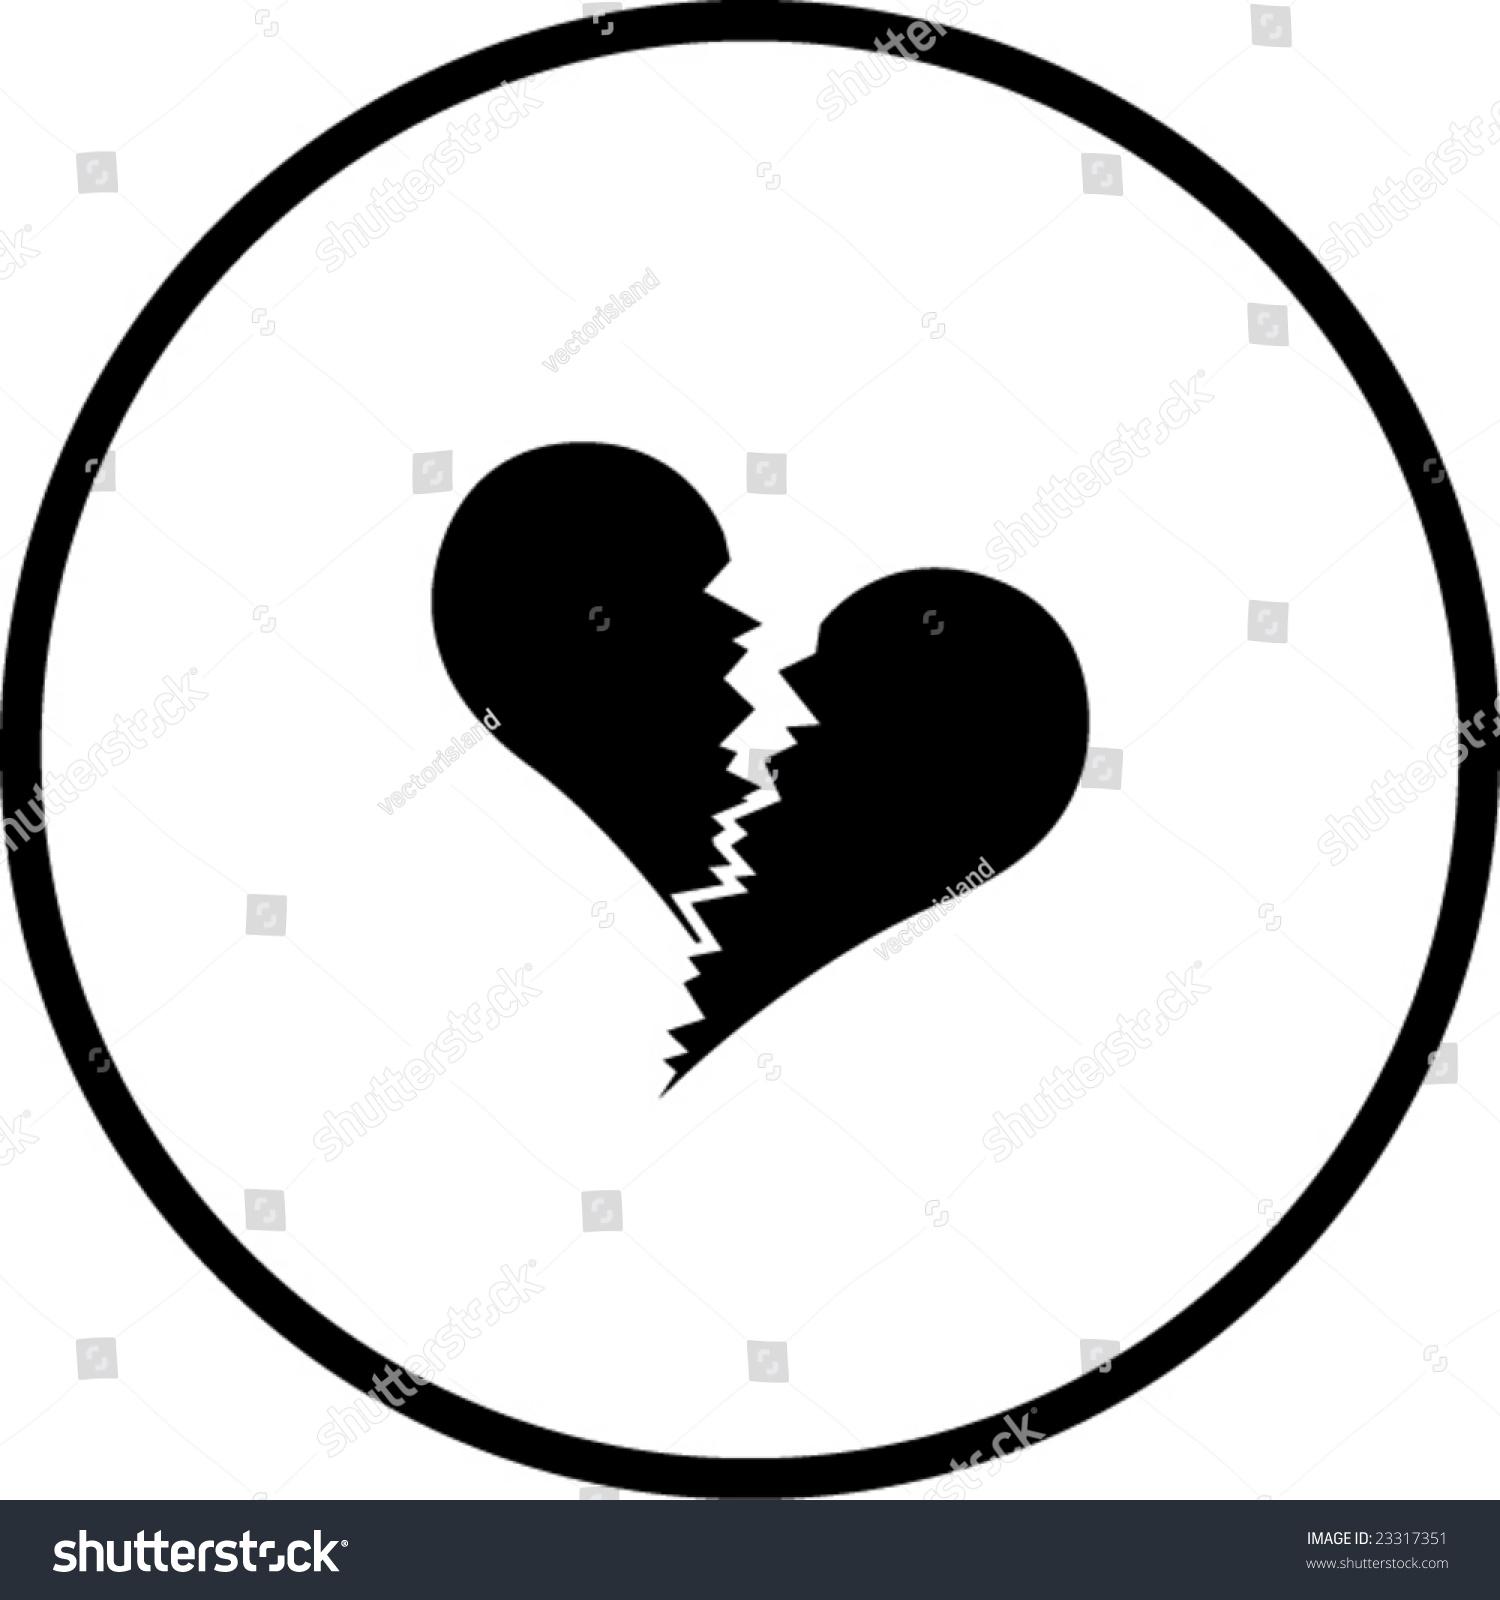 Broken Heart Symbol Stock Vector Royalty Free 23317351 Shutterstock